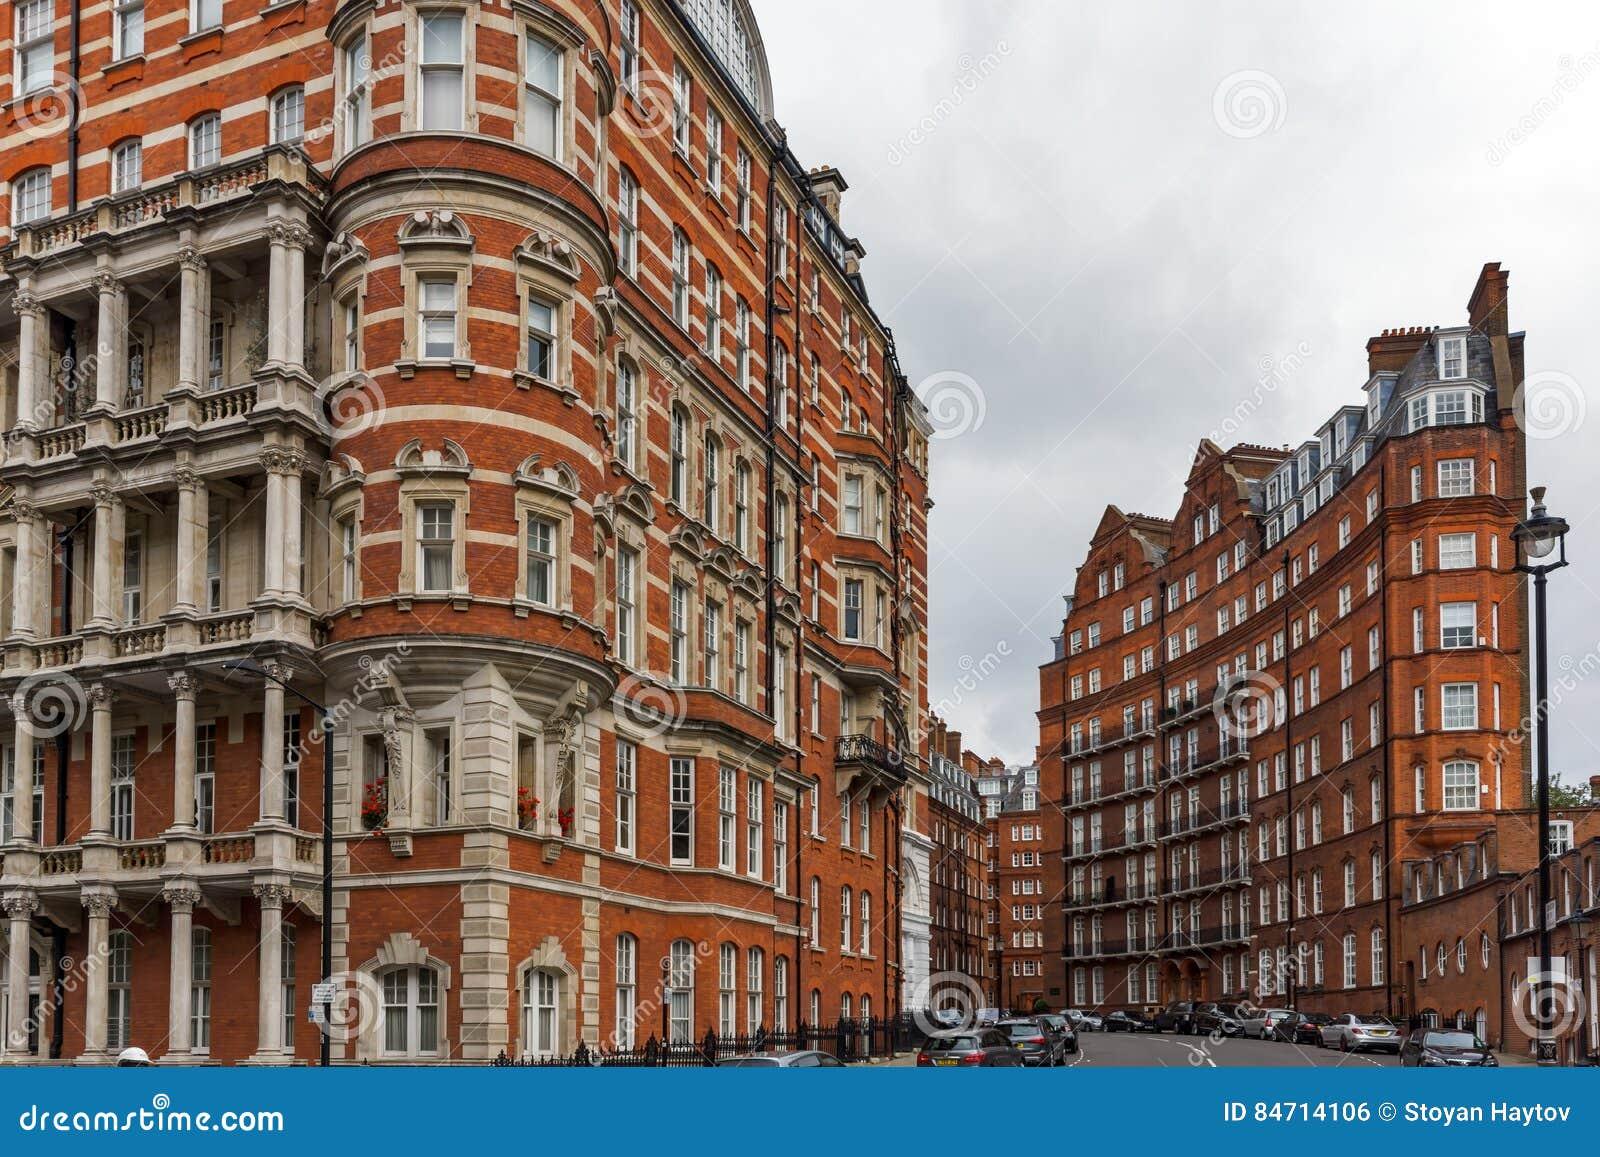 Londen, Engeland - Juni 18 2016: Verbazende mening van de typische Engelse bouw, Londen